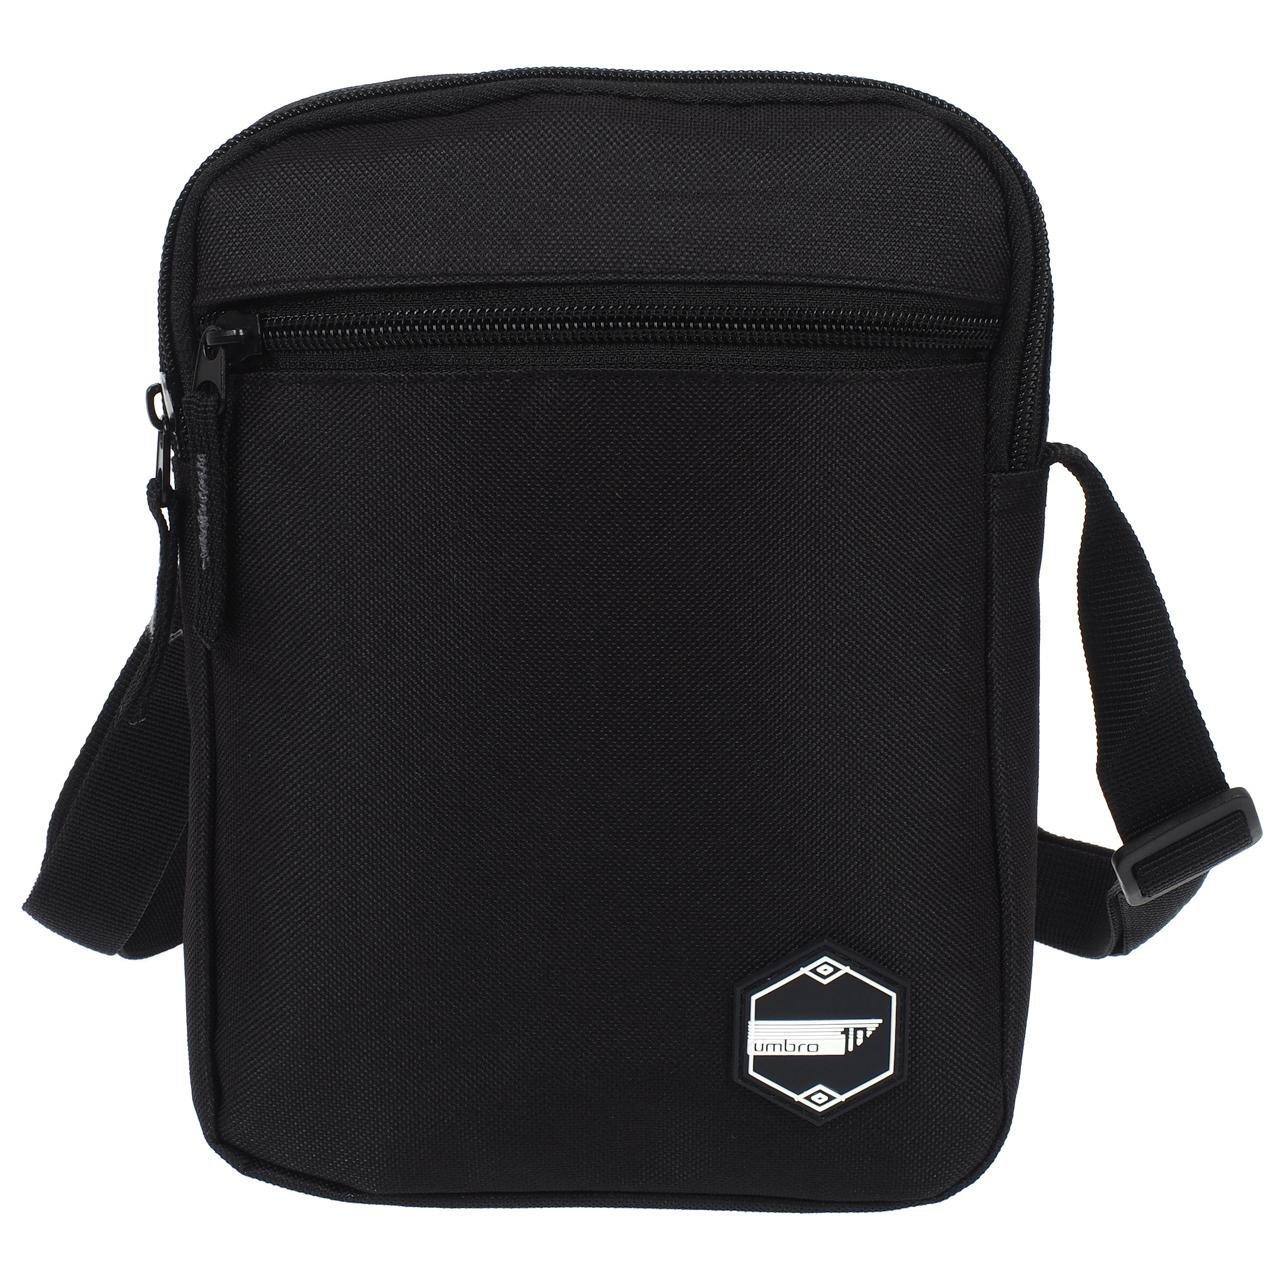 Umbro - Pocket noir - Sacoche pochette bandoulié re - Noir - Taille Unique 76943-UNI